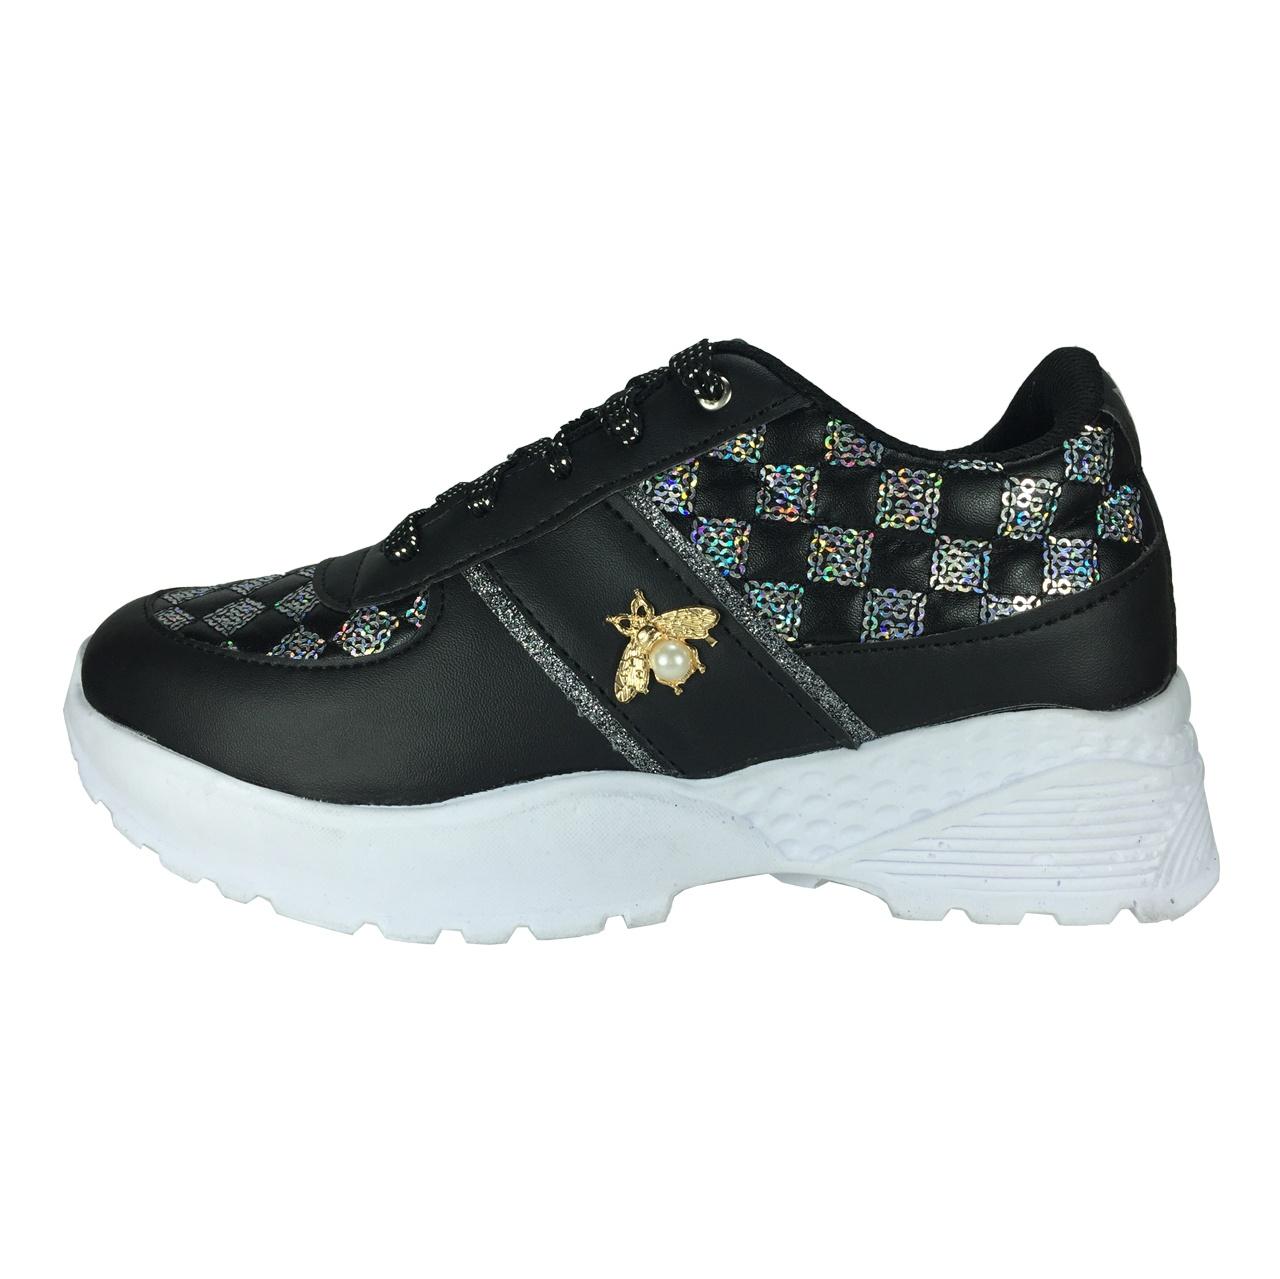 کفش پیاده روی زنانه مدل پولکی B413